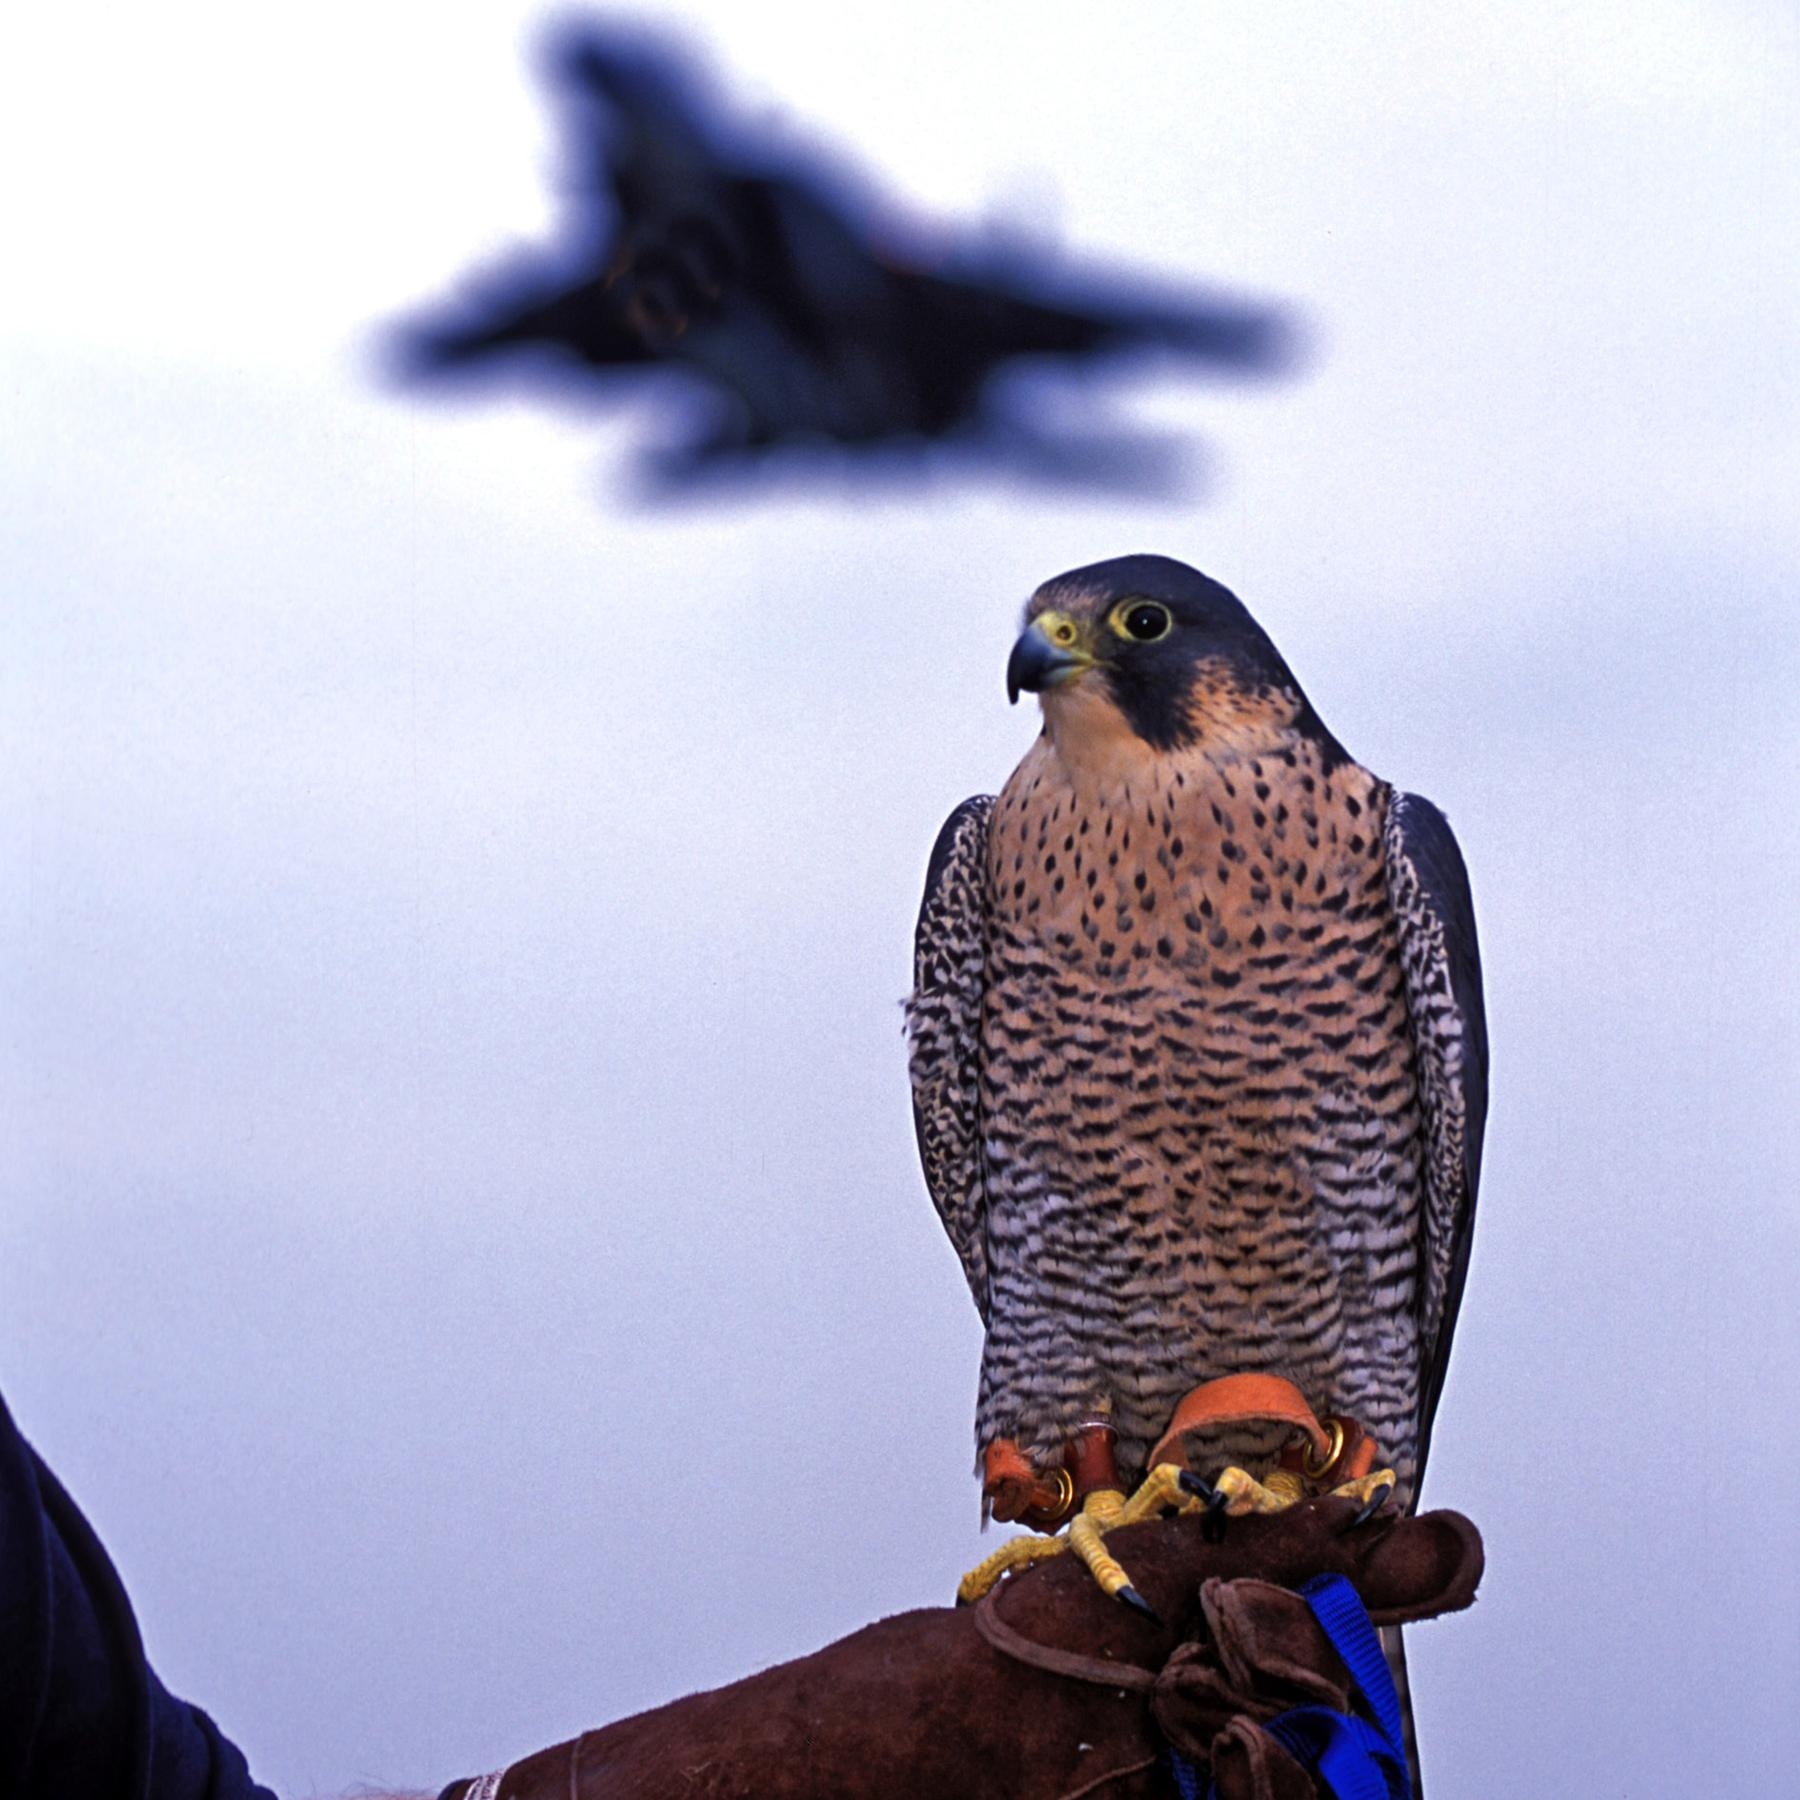 Tiere im Einsatz - Supernasen und Adleraugen